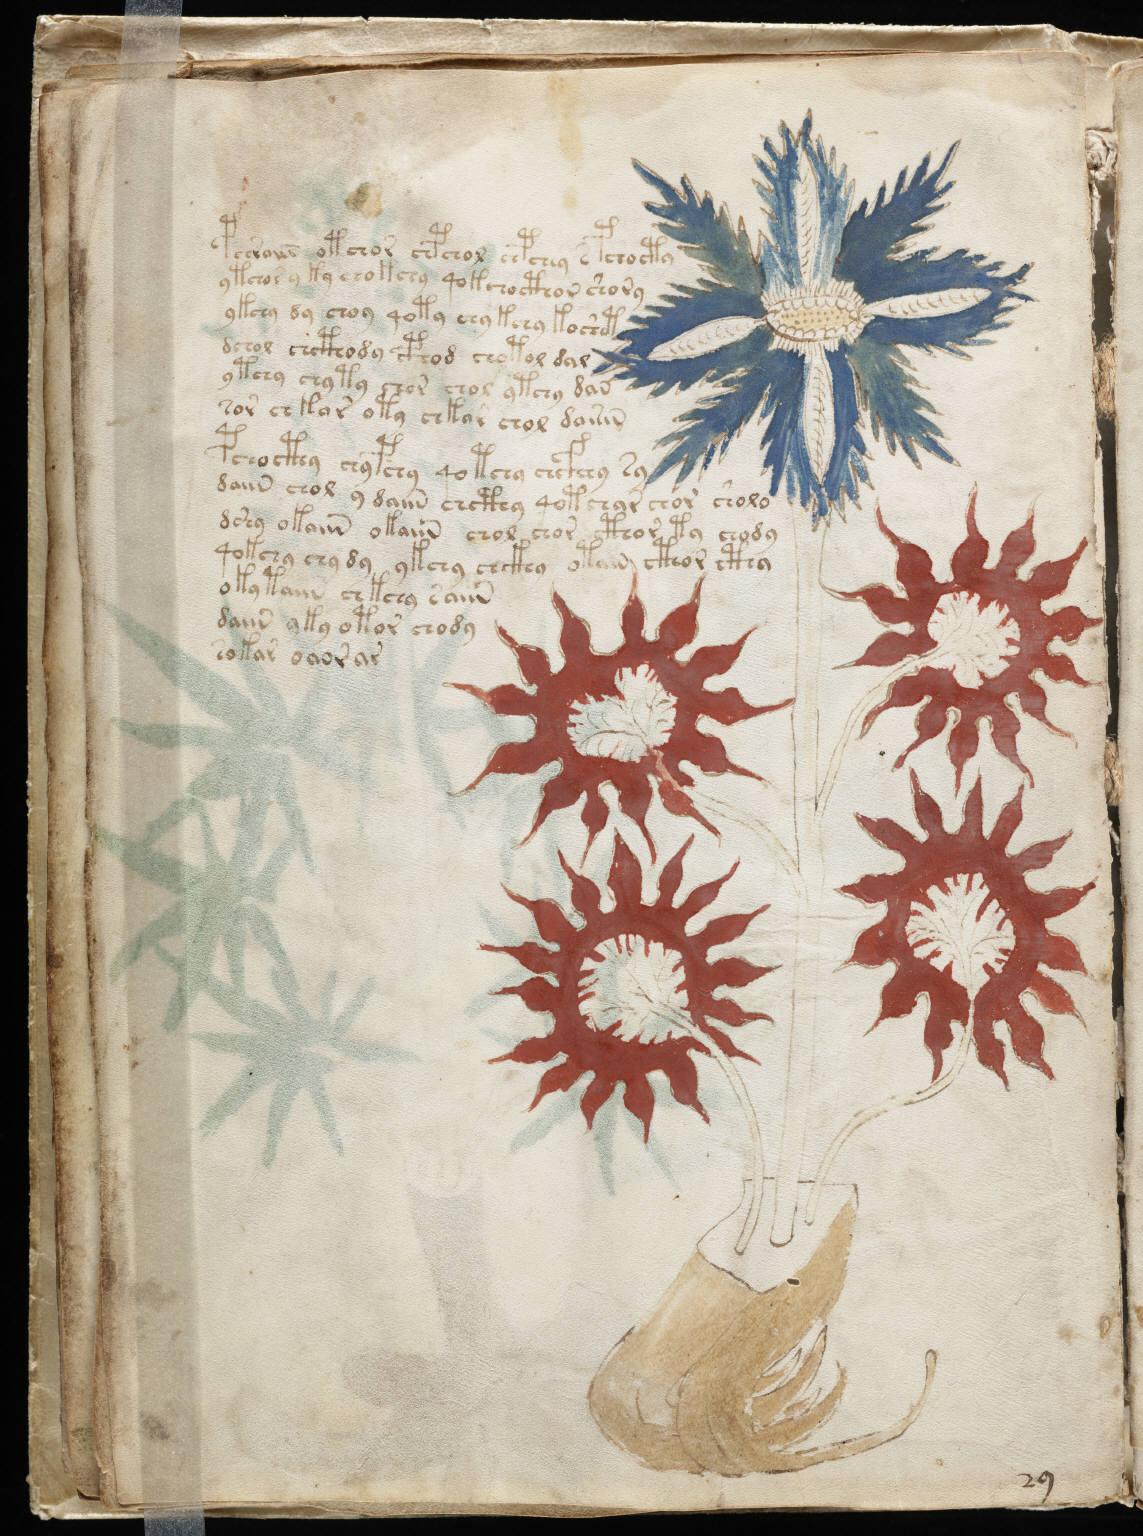 Voynich manuscript - Wikipedia